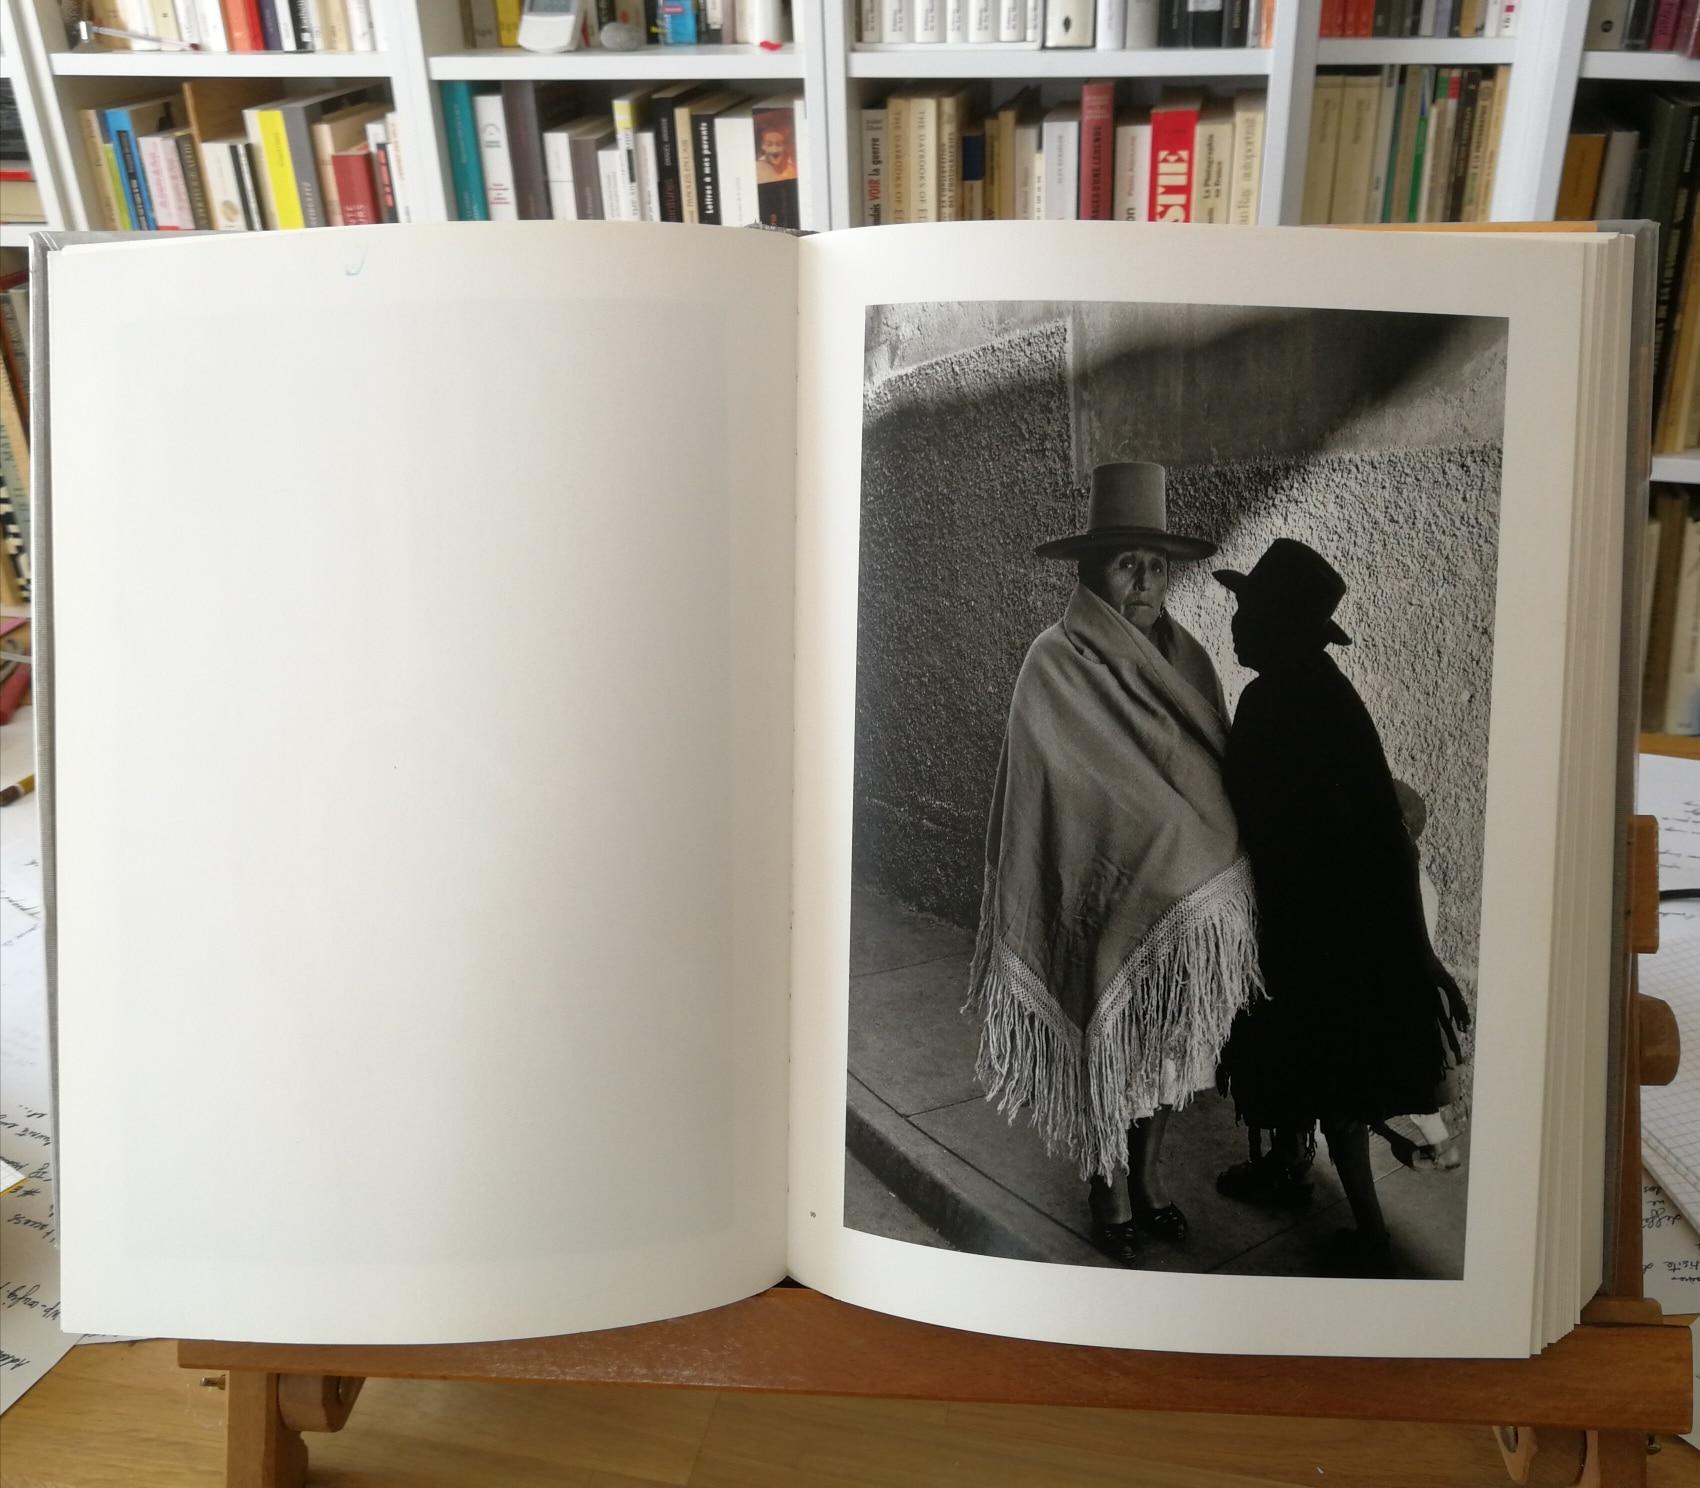 Une photographie de Sergio Larrain. Bolivie 1958. Le livre ouvert est posé sur un chevalet.